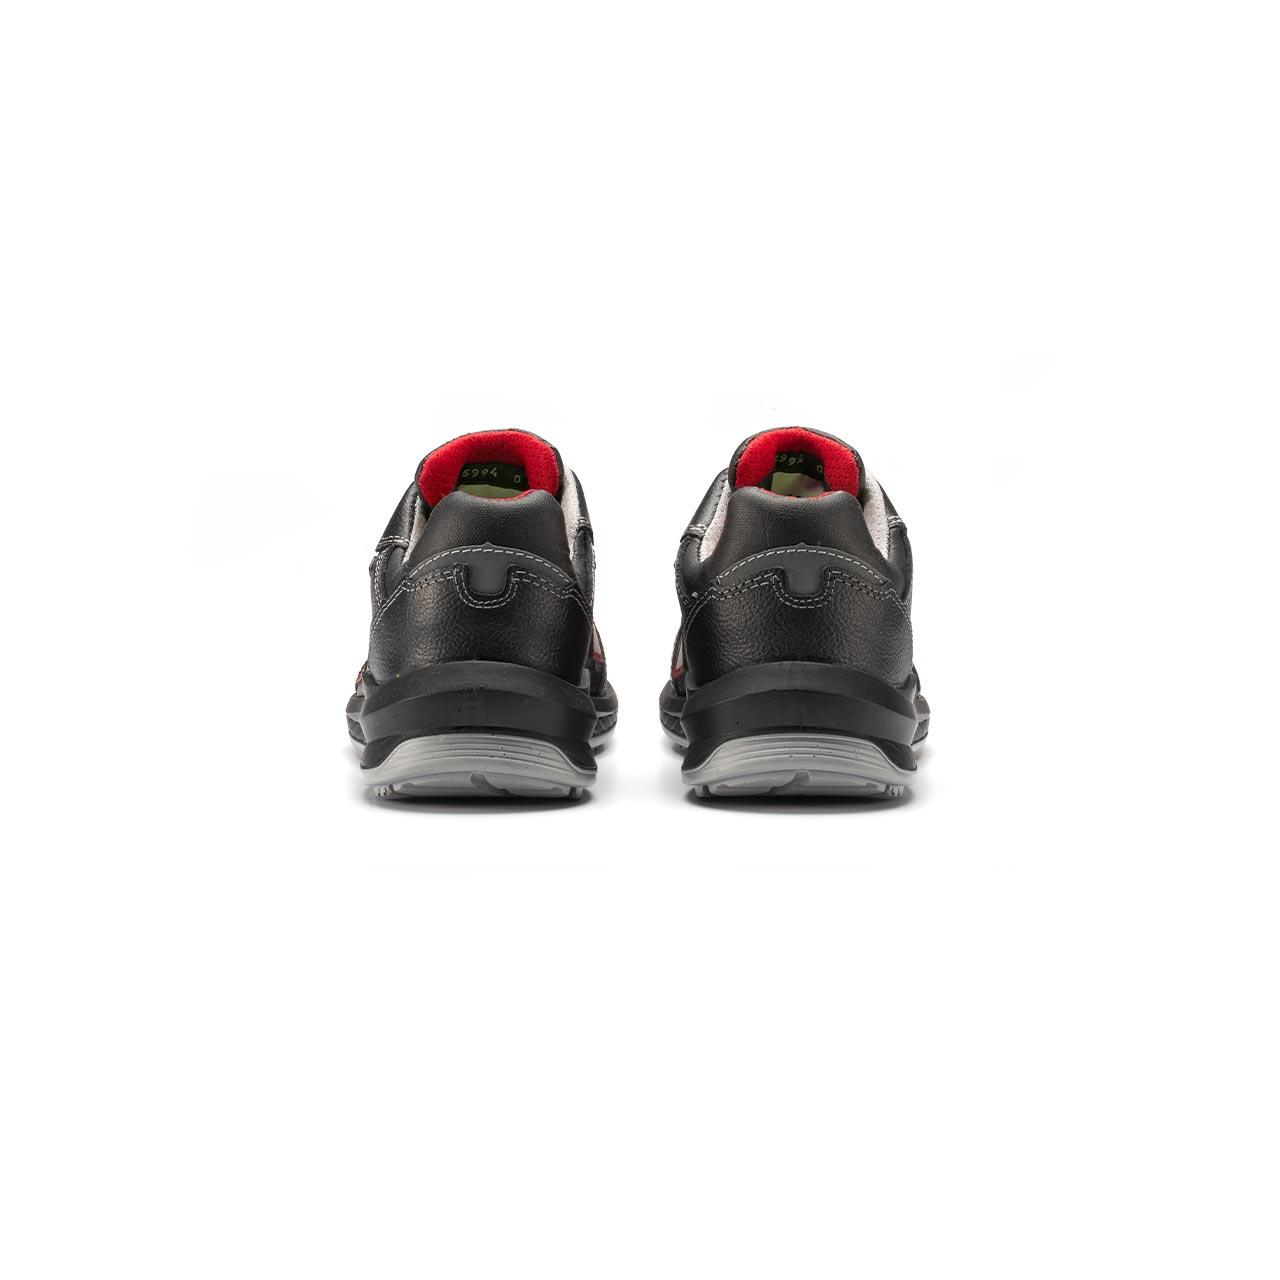 paio di scarpe antinfortunistiche upower modello parigi linea redindustry vista retro